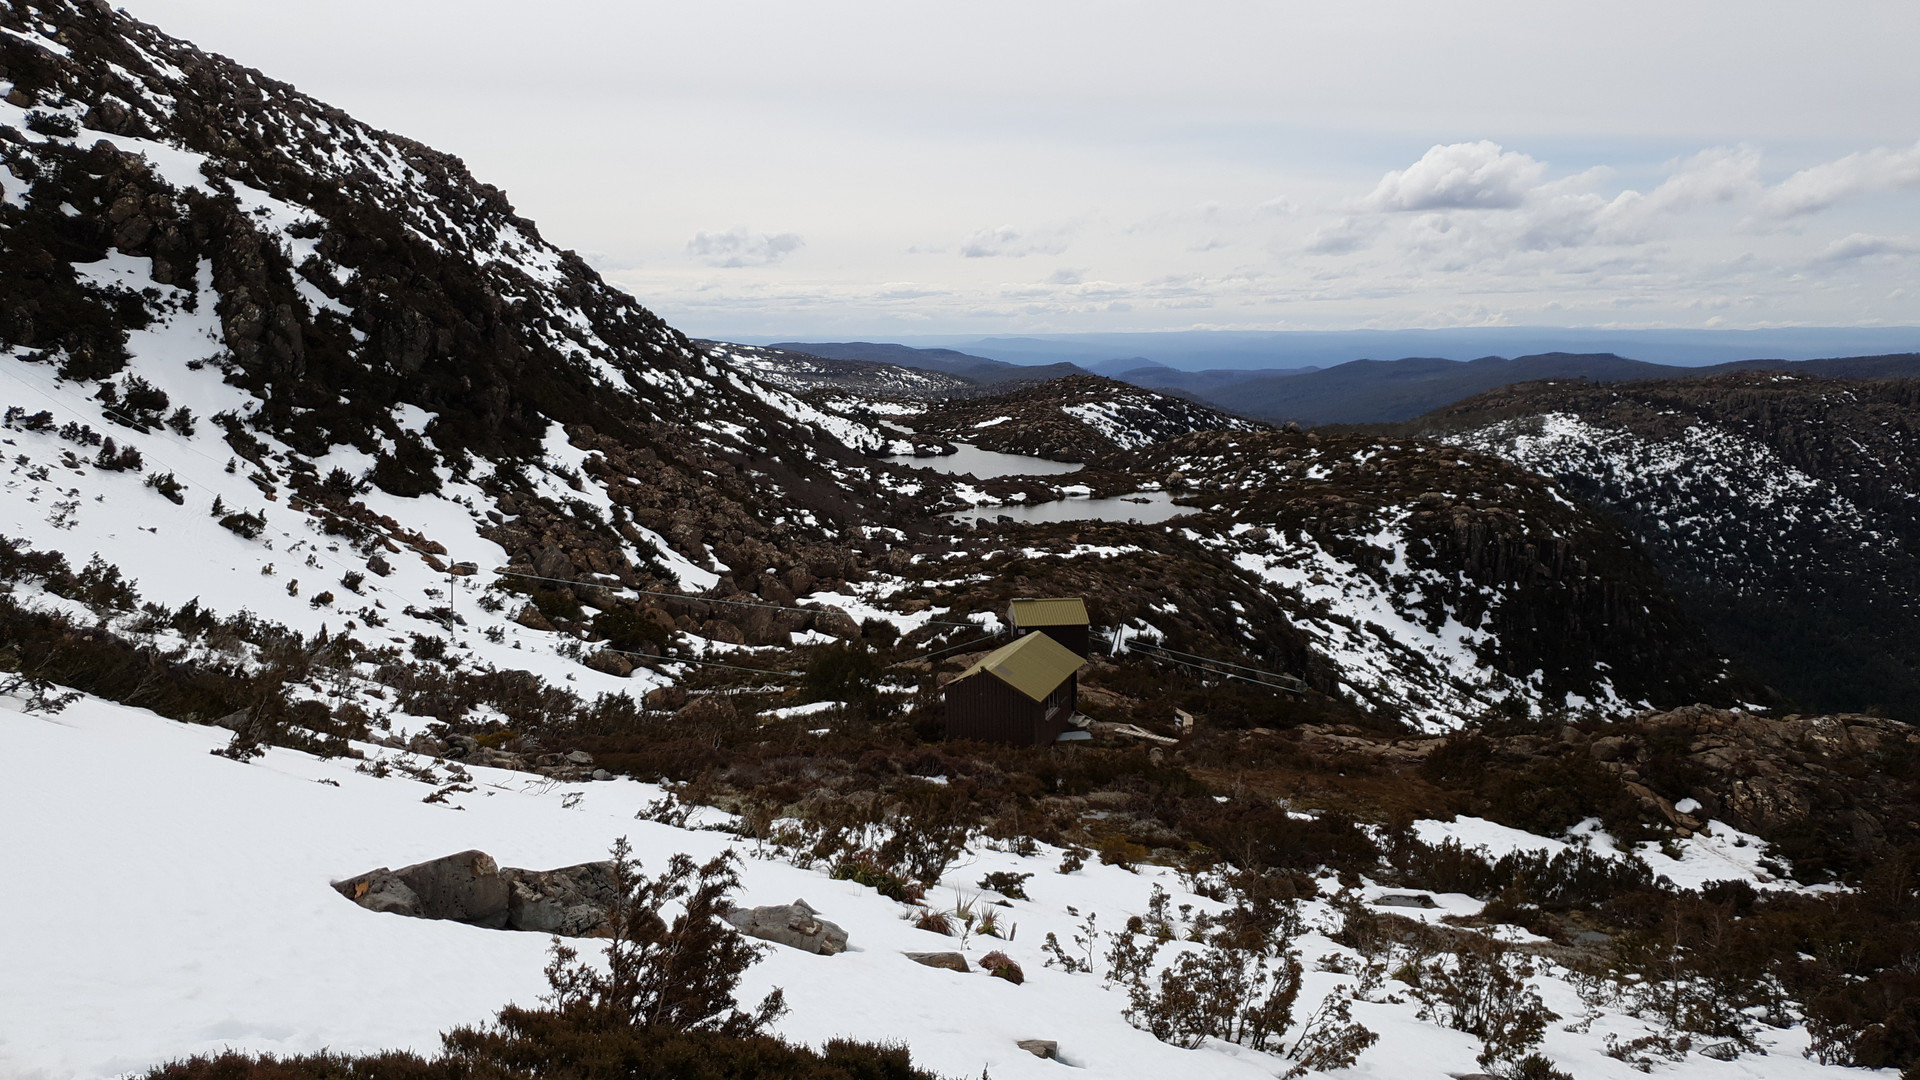 Tarn Shelf Winter Hike - Mt Field